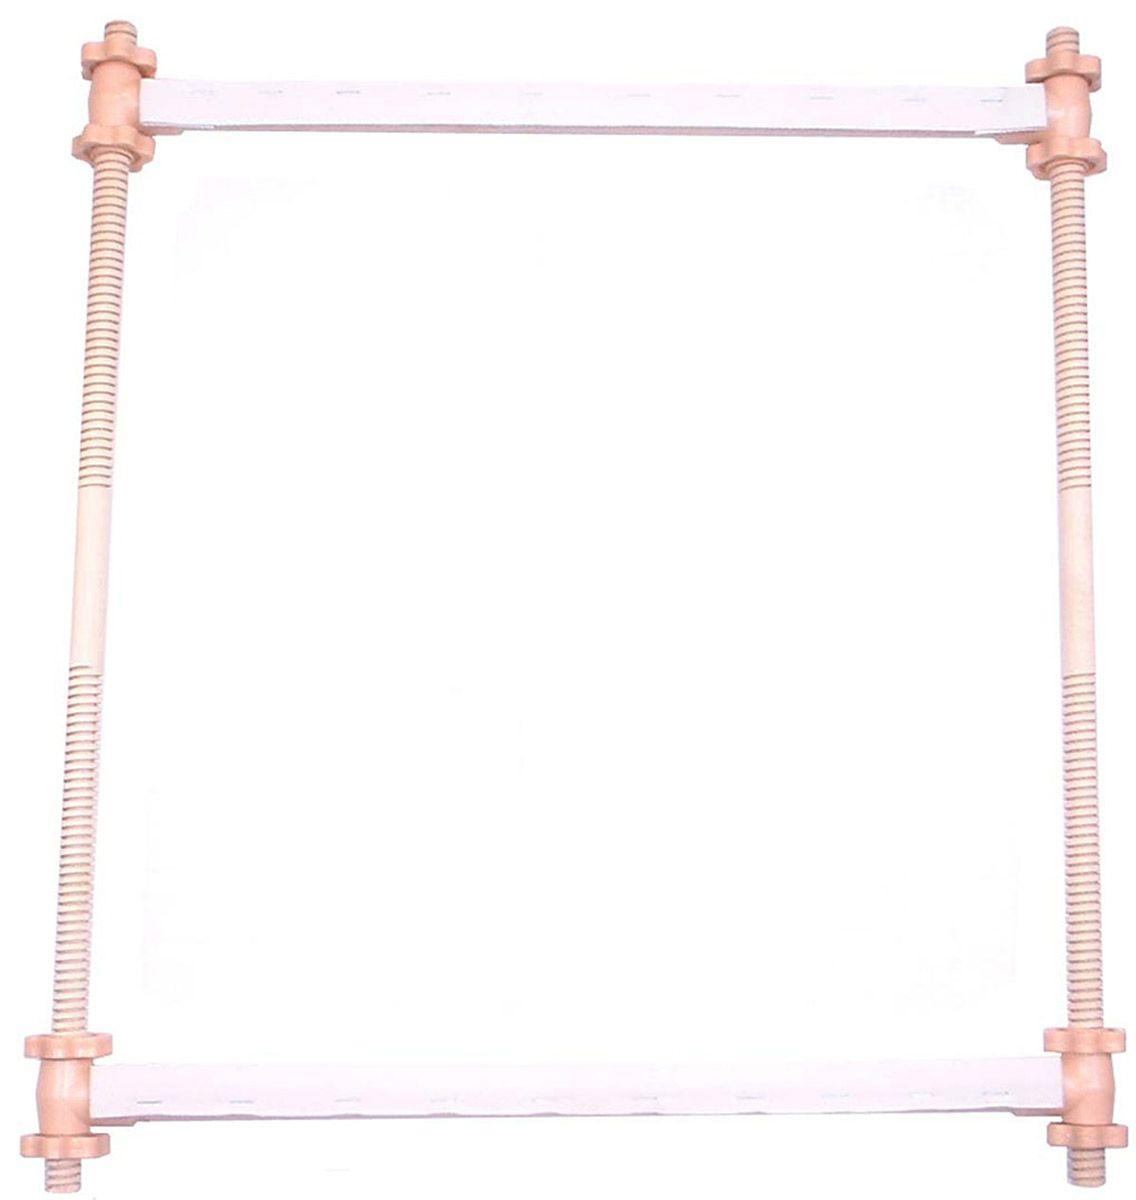 Пяльцы-рамка Elbesee с регулируемыми планками, 68 х 55 смSFO27Высота винтовых боковых планок регулируется от 13 до 52 см. Канва легко прокручивается на планках. Материал: дерево